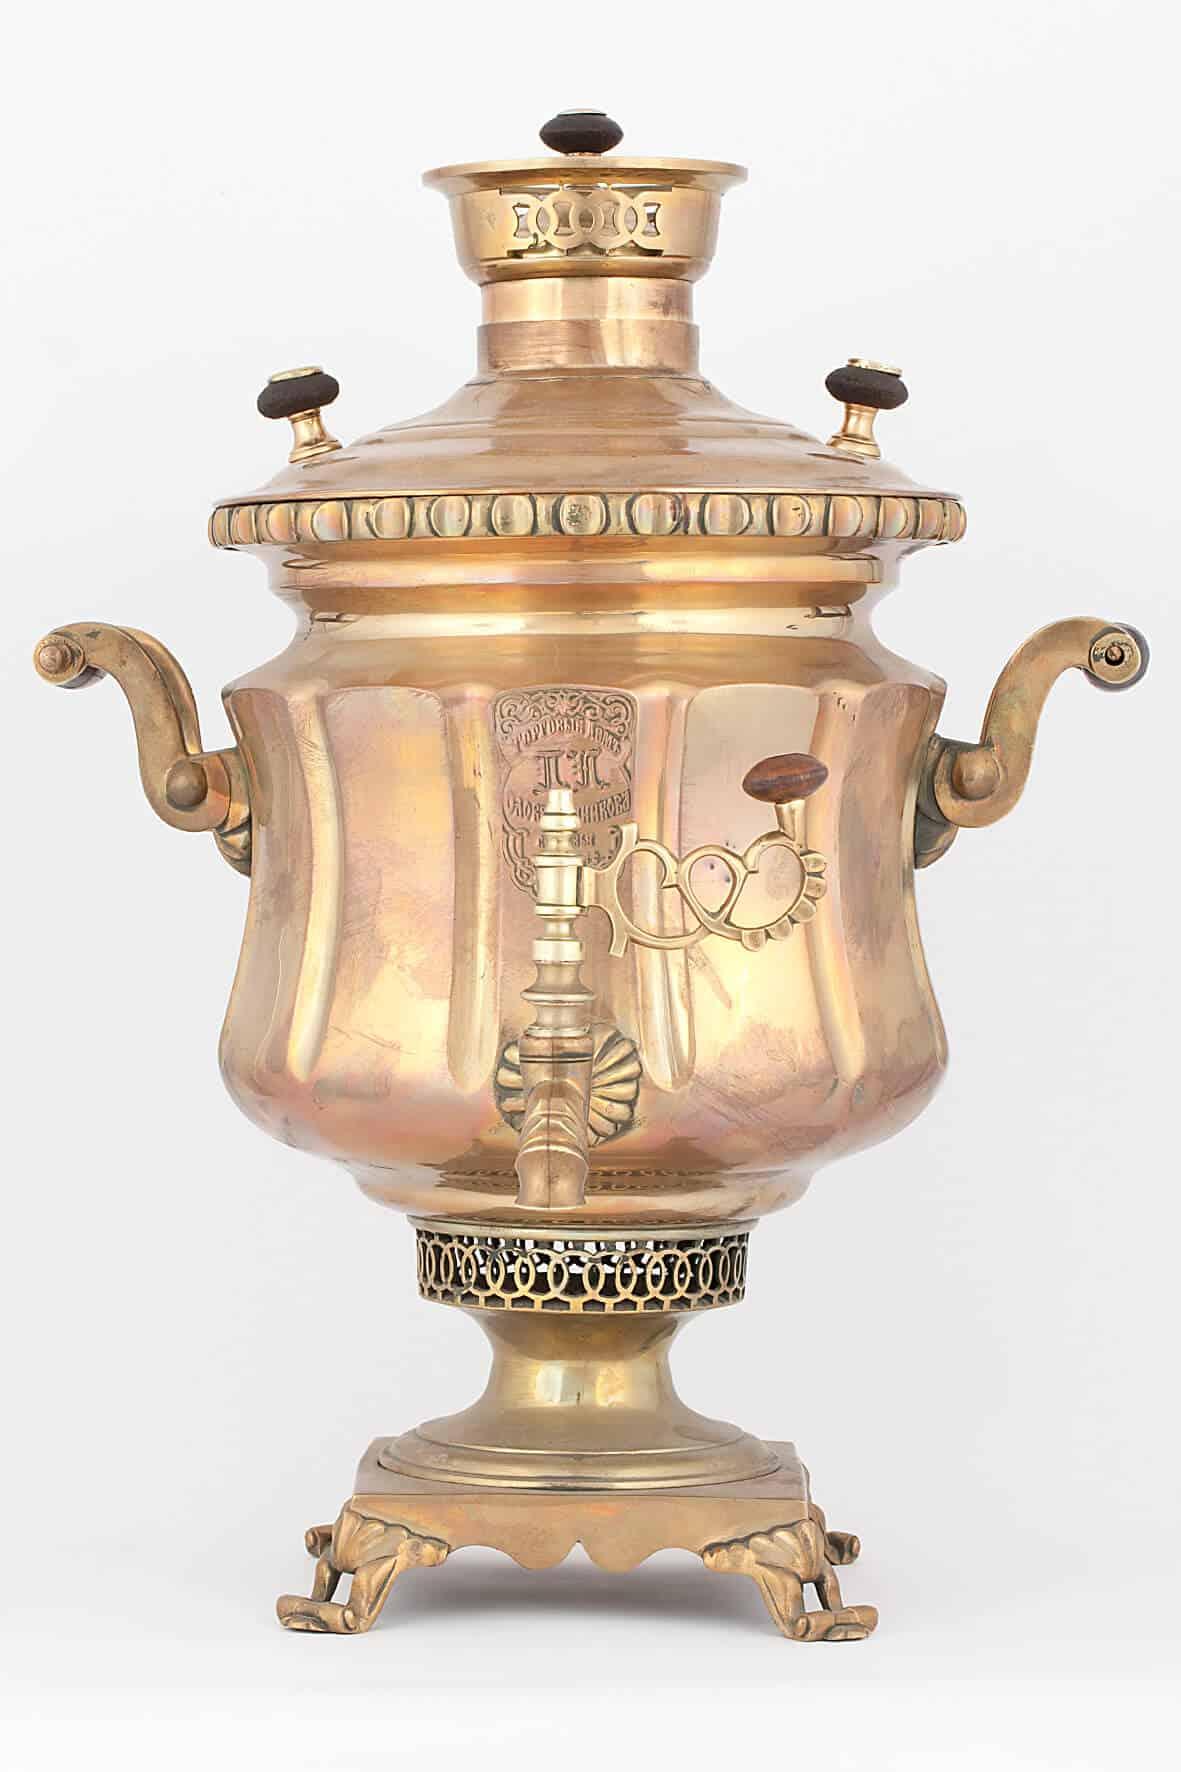 КБ 480 | Самовар-ваза гранная с накладным медальоном | Музей самоваров и бульоток